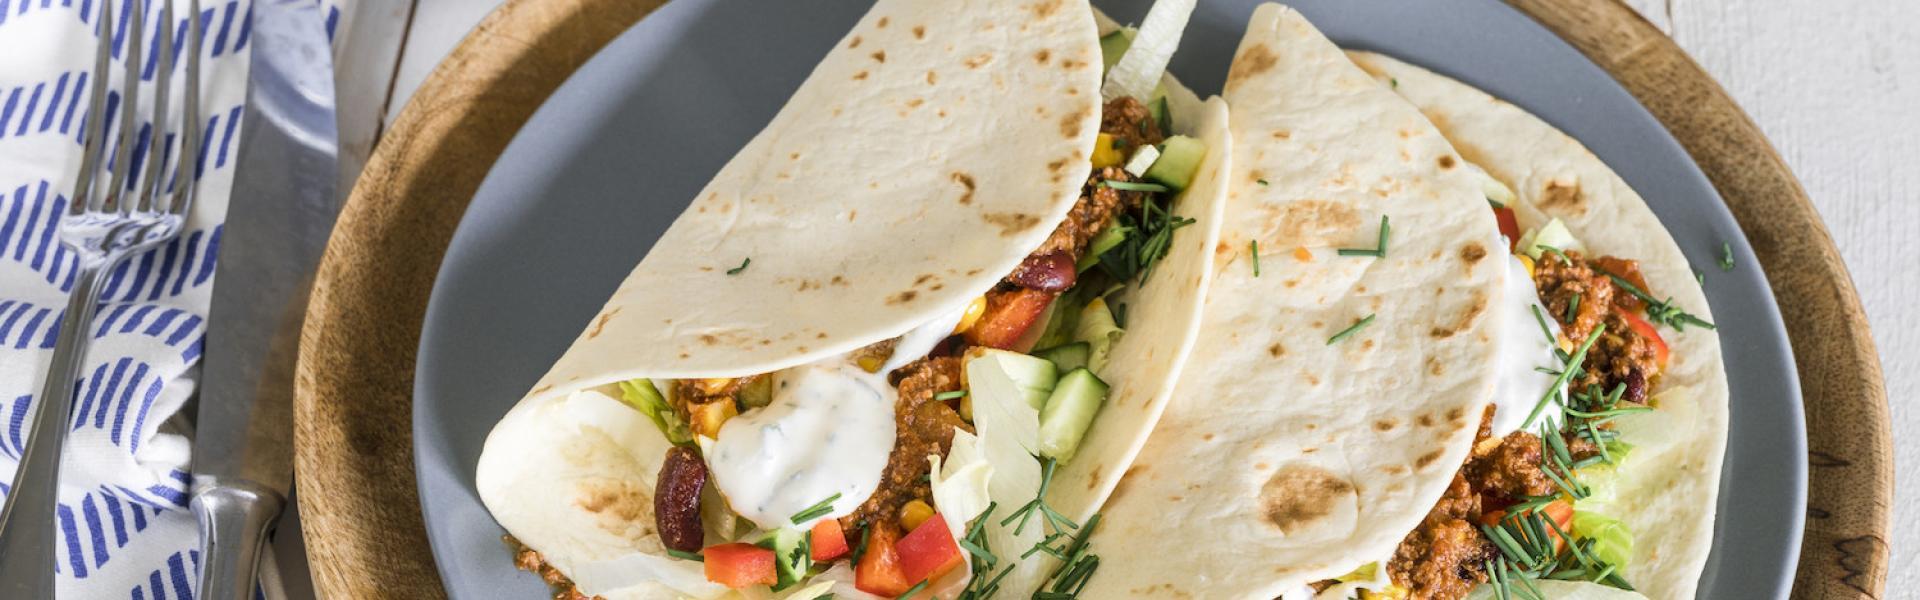 Zwei Wraps mit Chili-sin-Carne-Füllung sind auf einem Teller angerichtet.